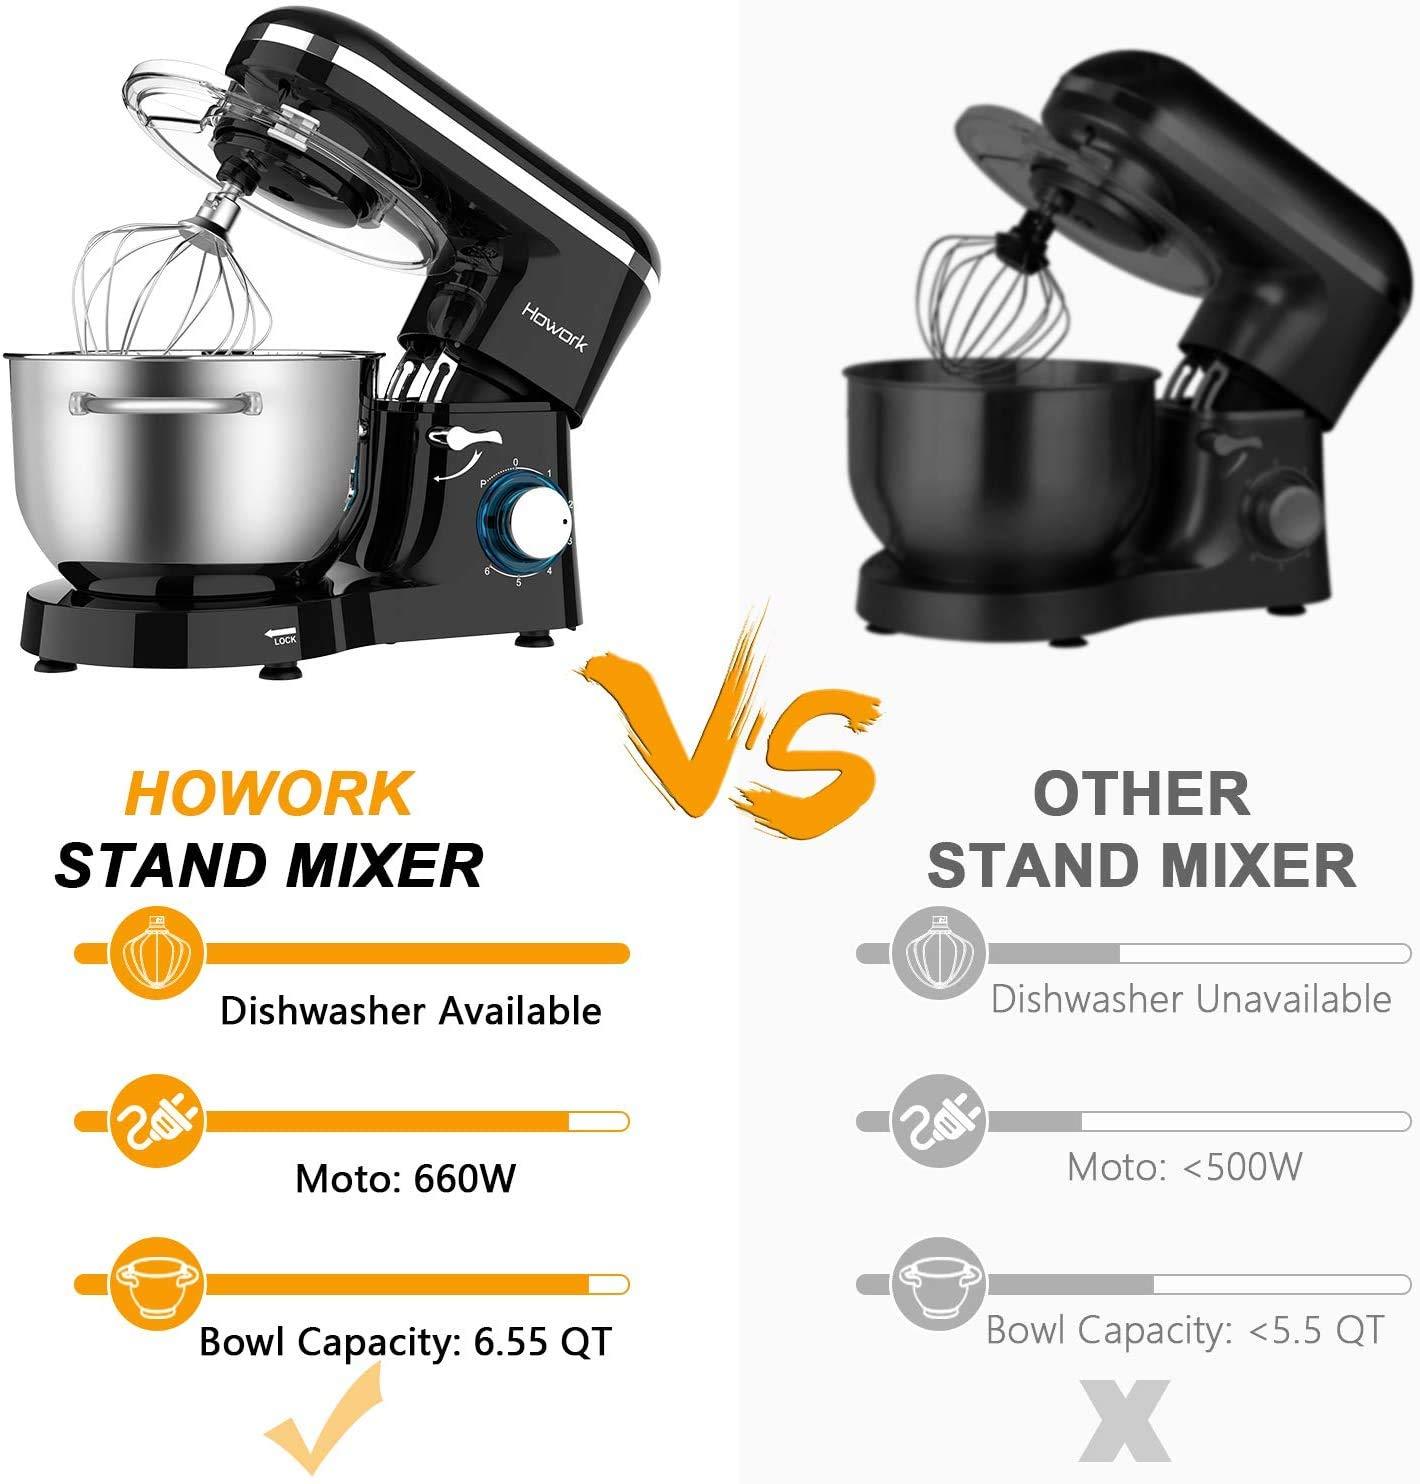 Batidora Amasadora, Howork 1500W 6 Niveles de Velocidad Amasadora de Bajo Ruido para Repostería, Robot de Cocina Automática Multifuncional, 6.2 litros capacidad Amasadora (6.2 litros, negro): Amazon.es: Hogar